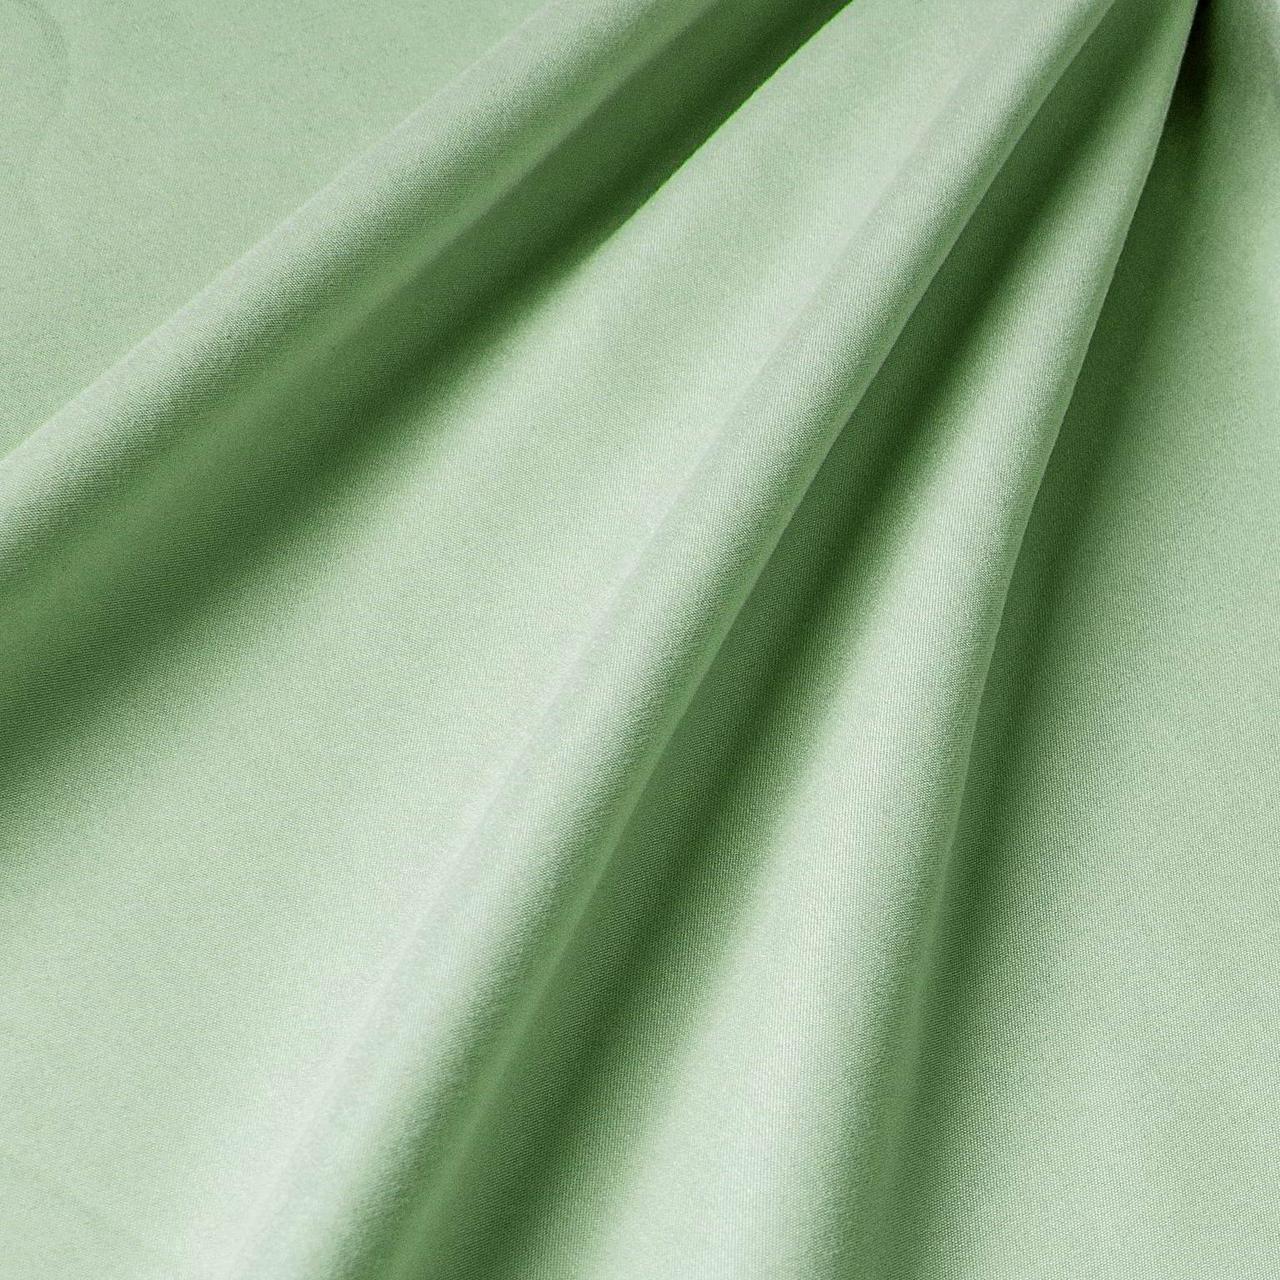 Подкладочная ткань с матовой фактурой (Испания) 83319v22